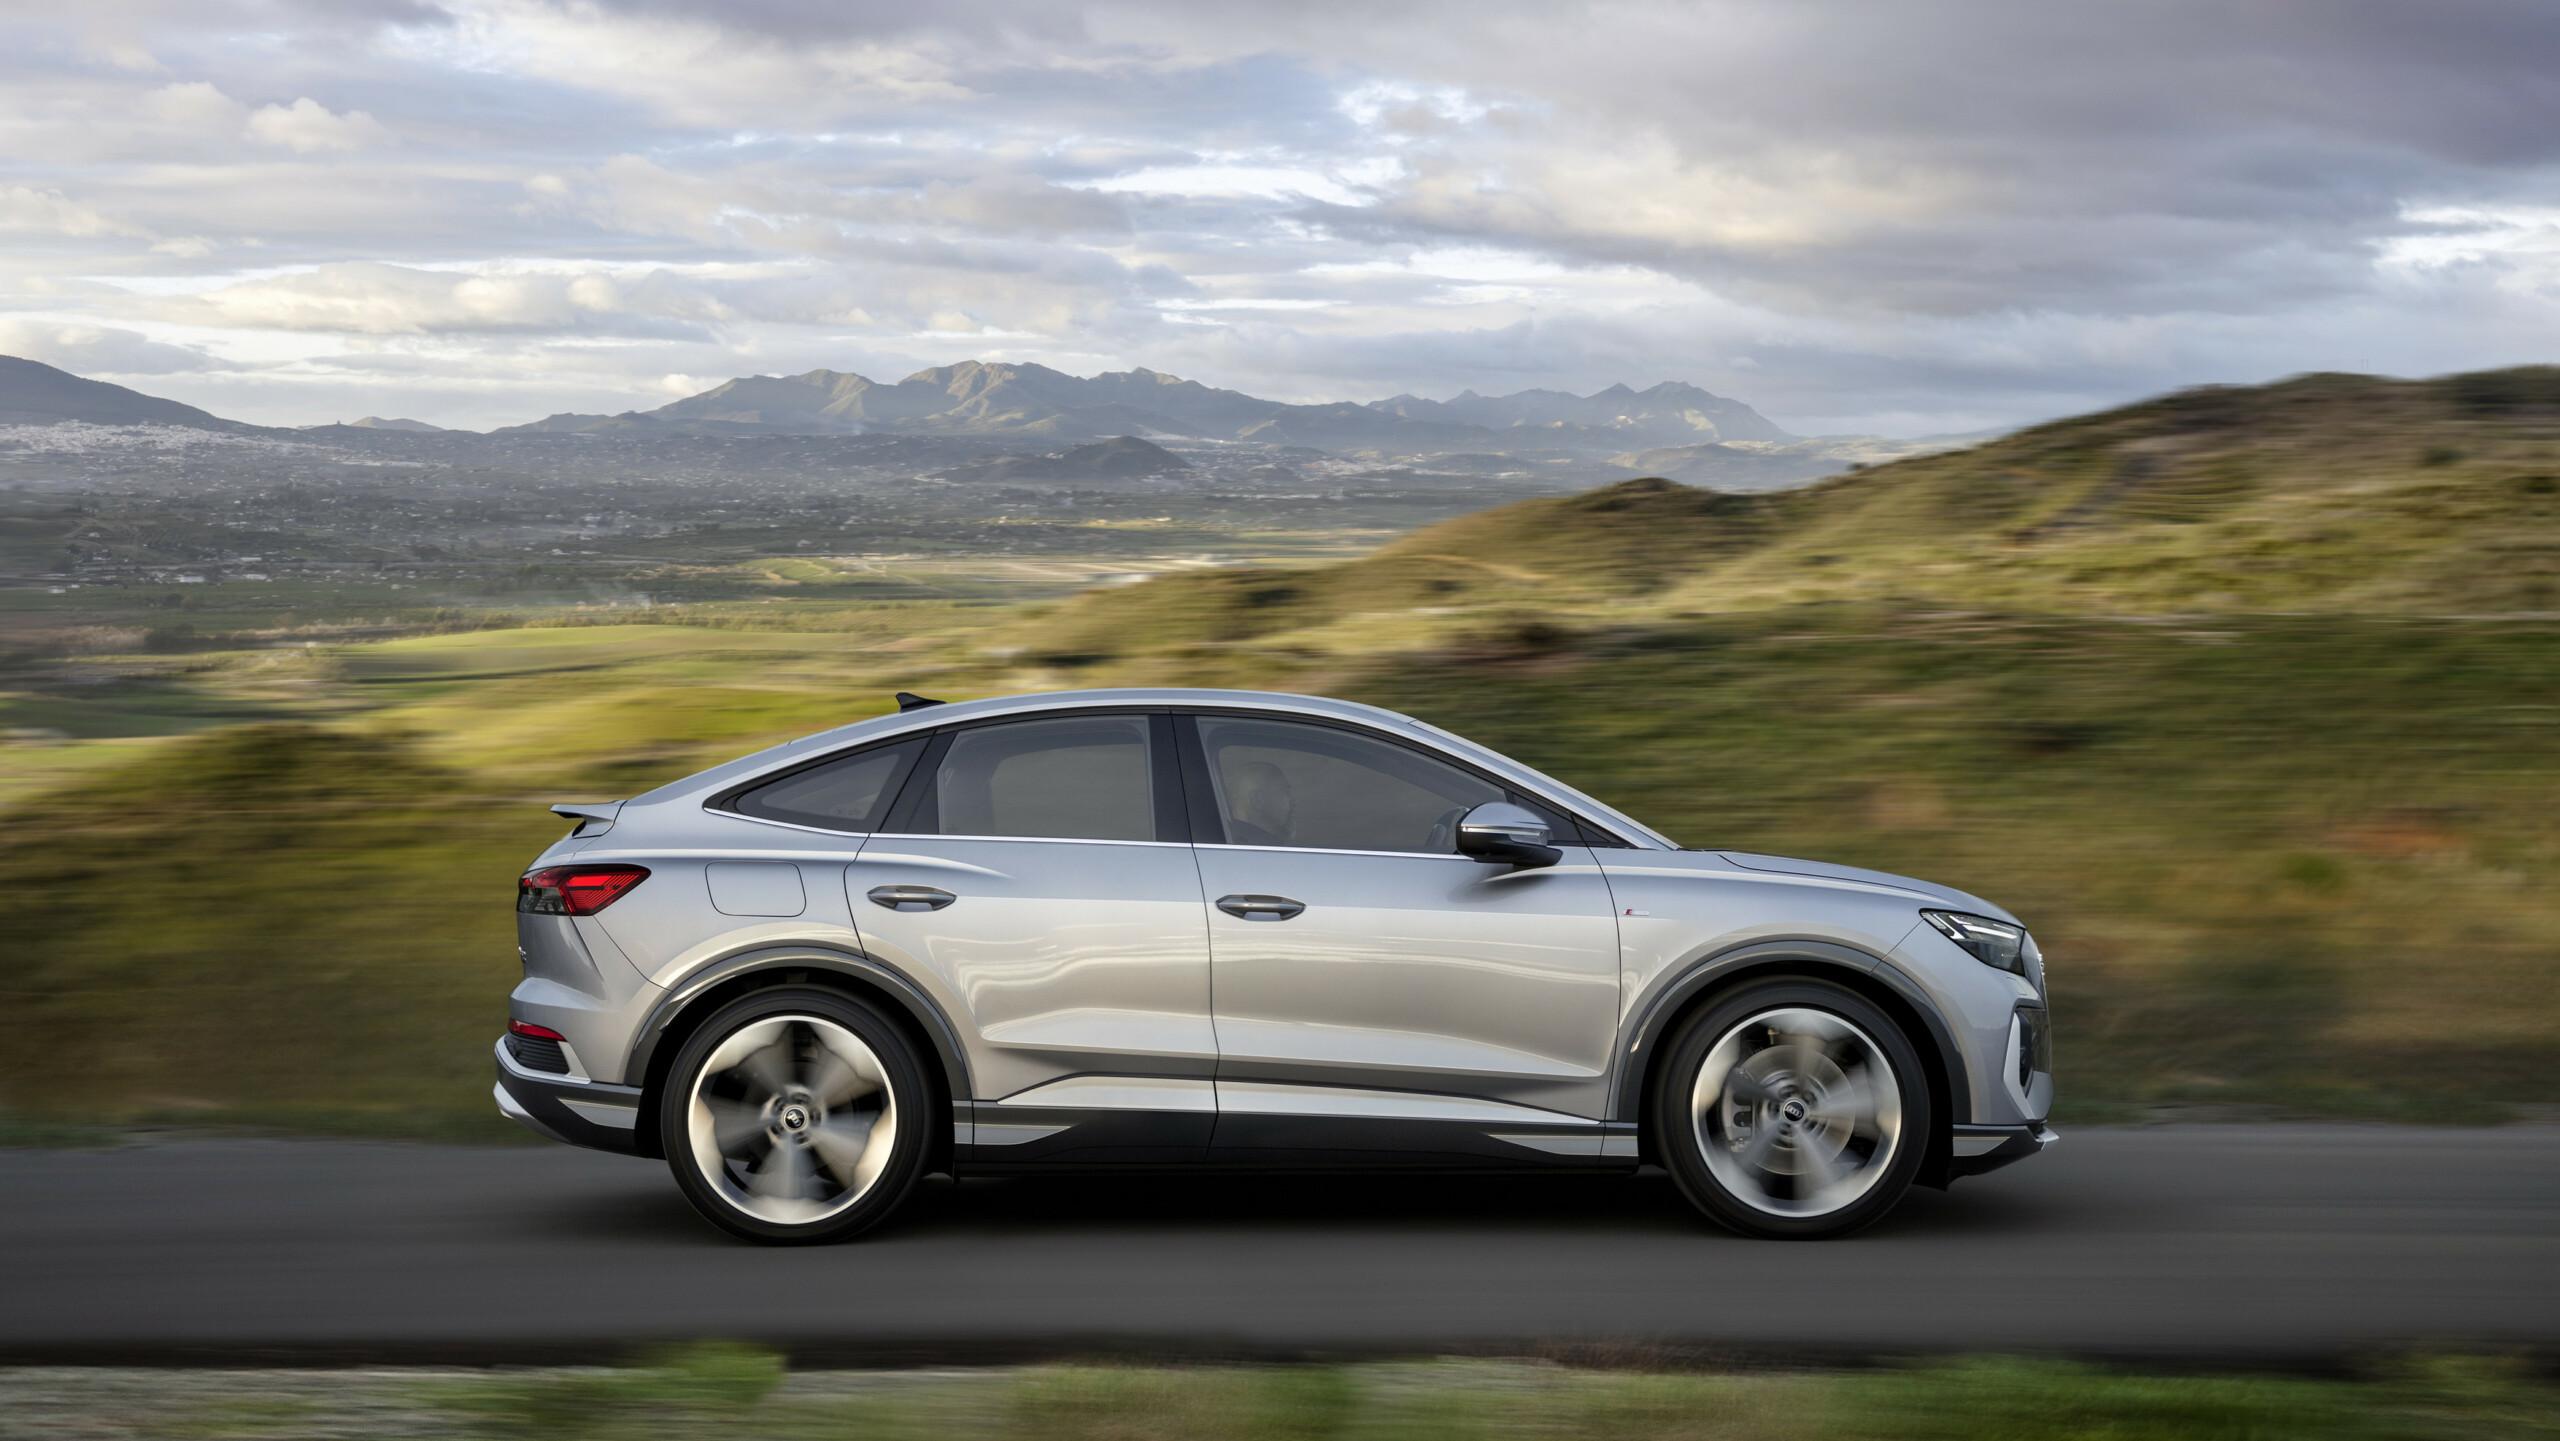 L'Audi Q4 e-tron pas si chère, une version allégée de Windows 11 et Google prof de langues – Tech'spresso